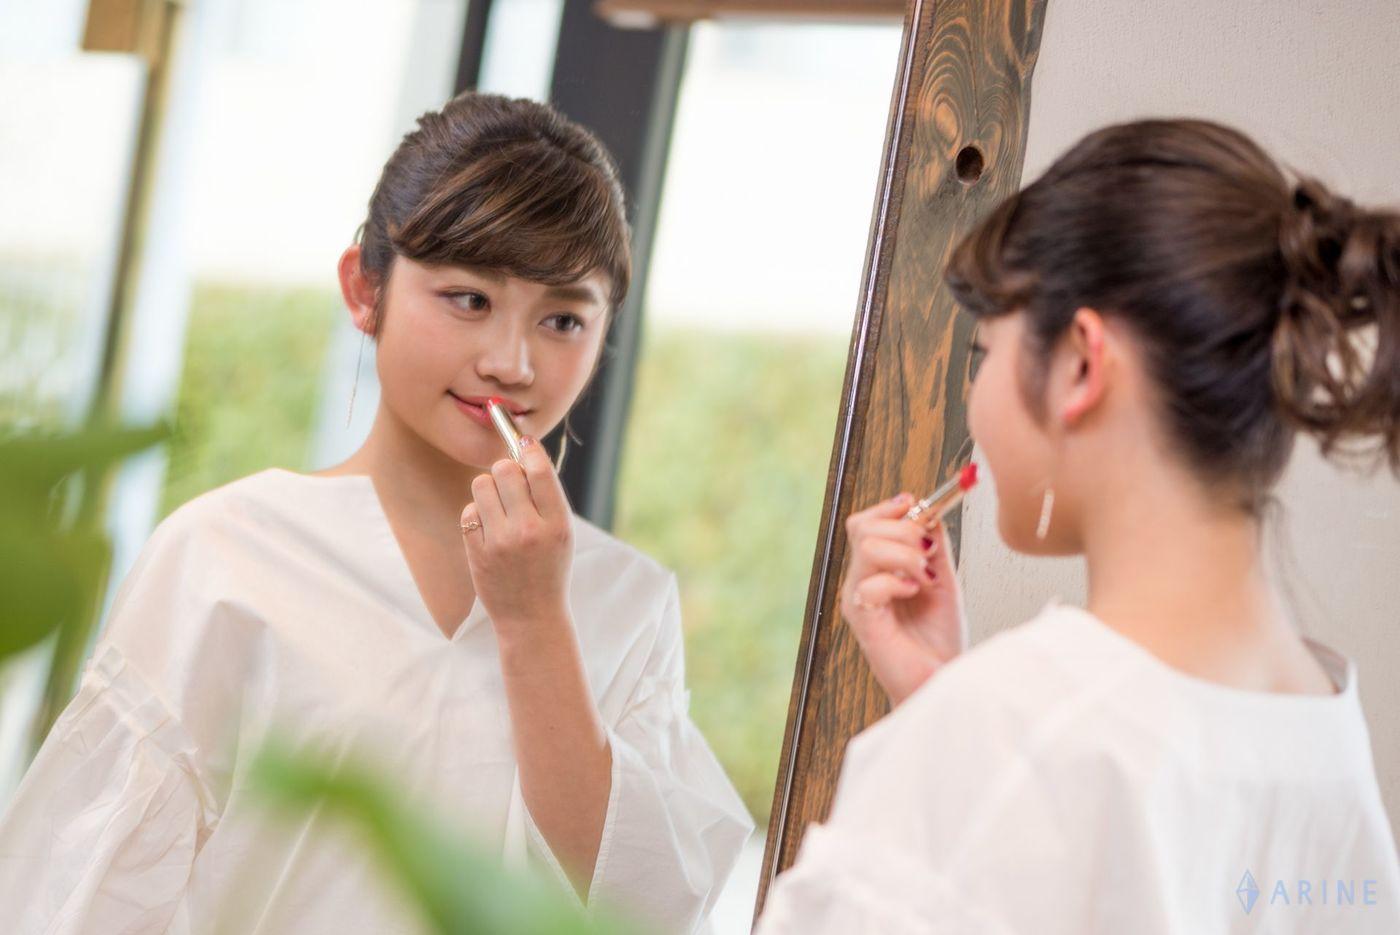 人気美容室が提案!雰囲気が一瞬で変わる♡イメチェン春ヘアアレンジの5枚目の画像